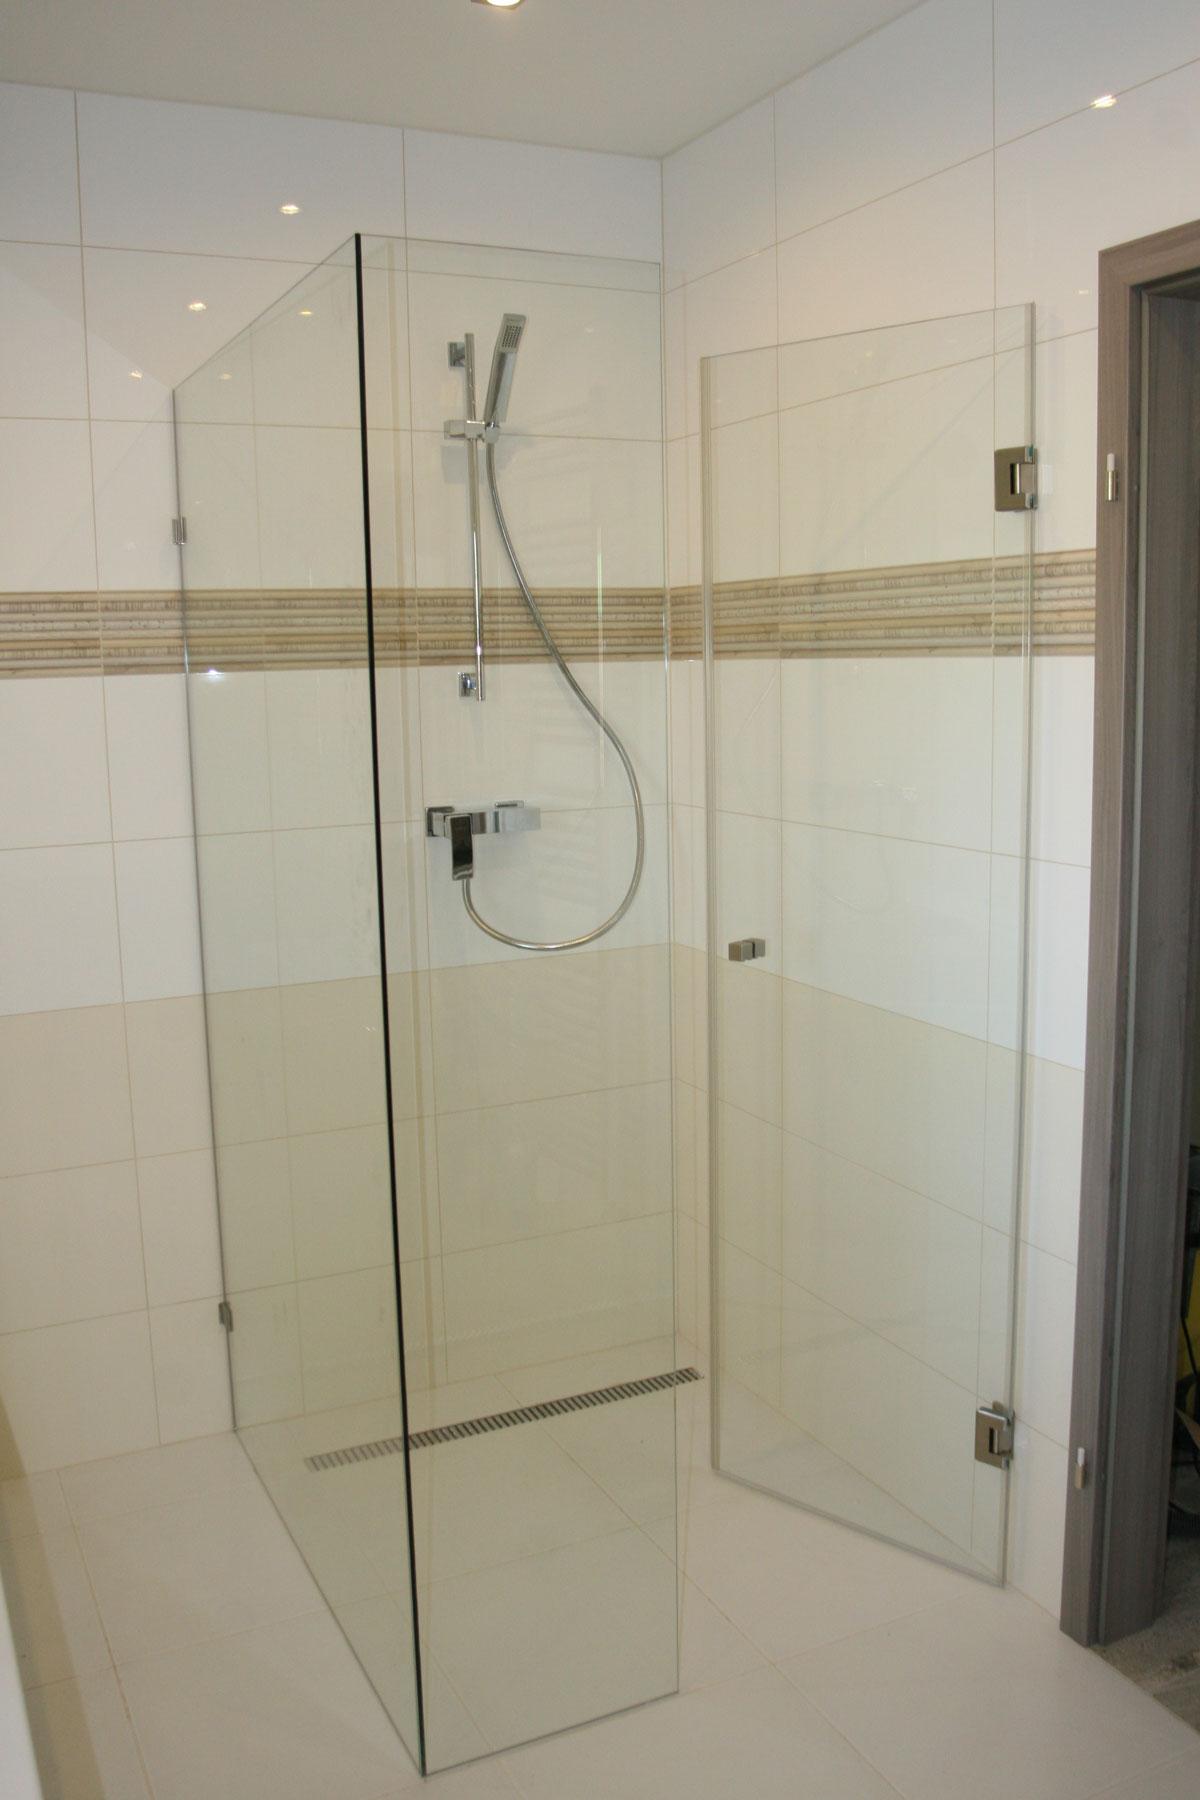 Sklenarstvi-Prerost-sprchove- kouty-a-sprchy (40)